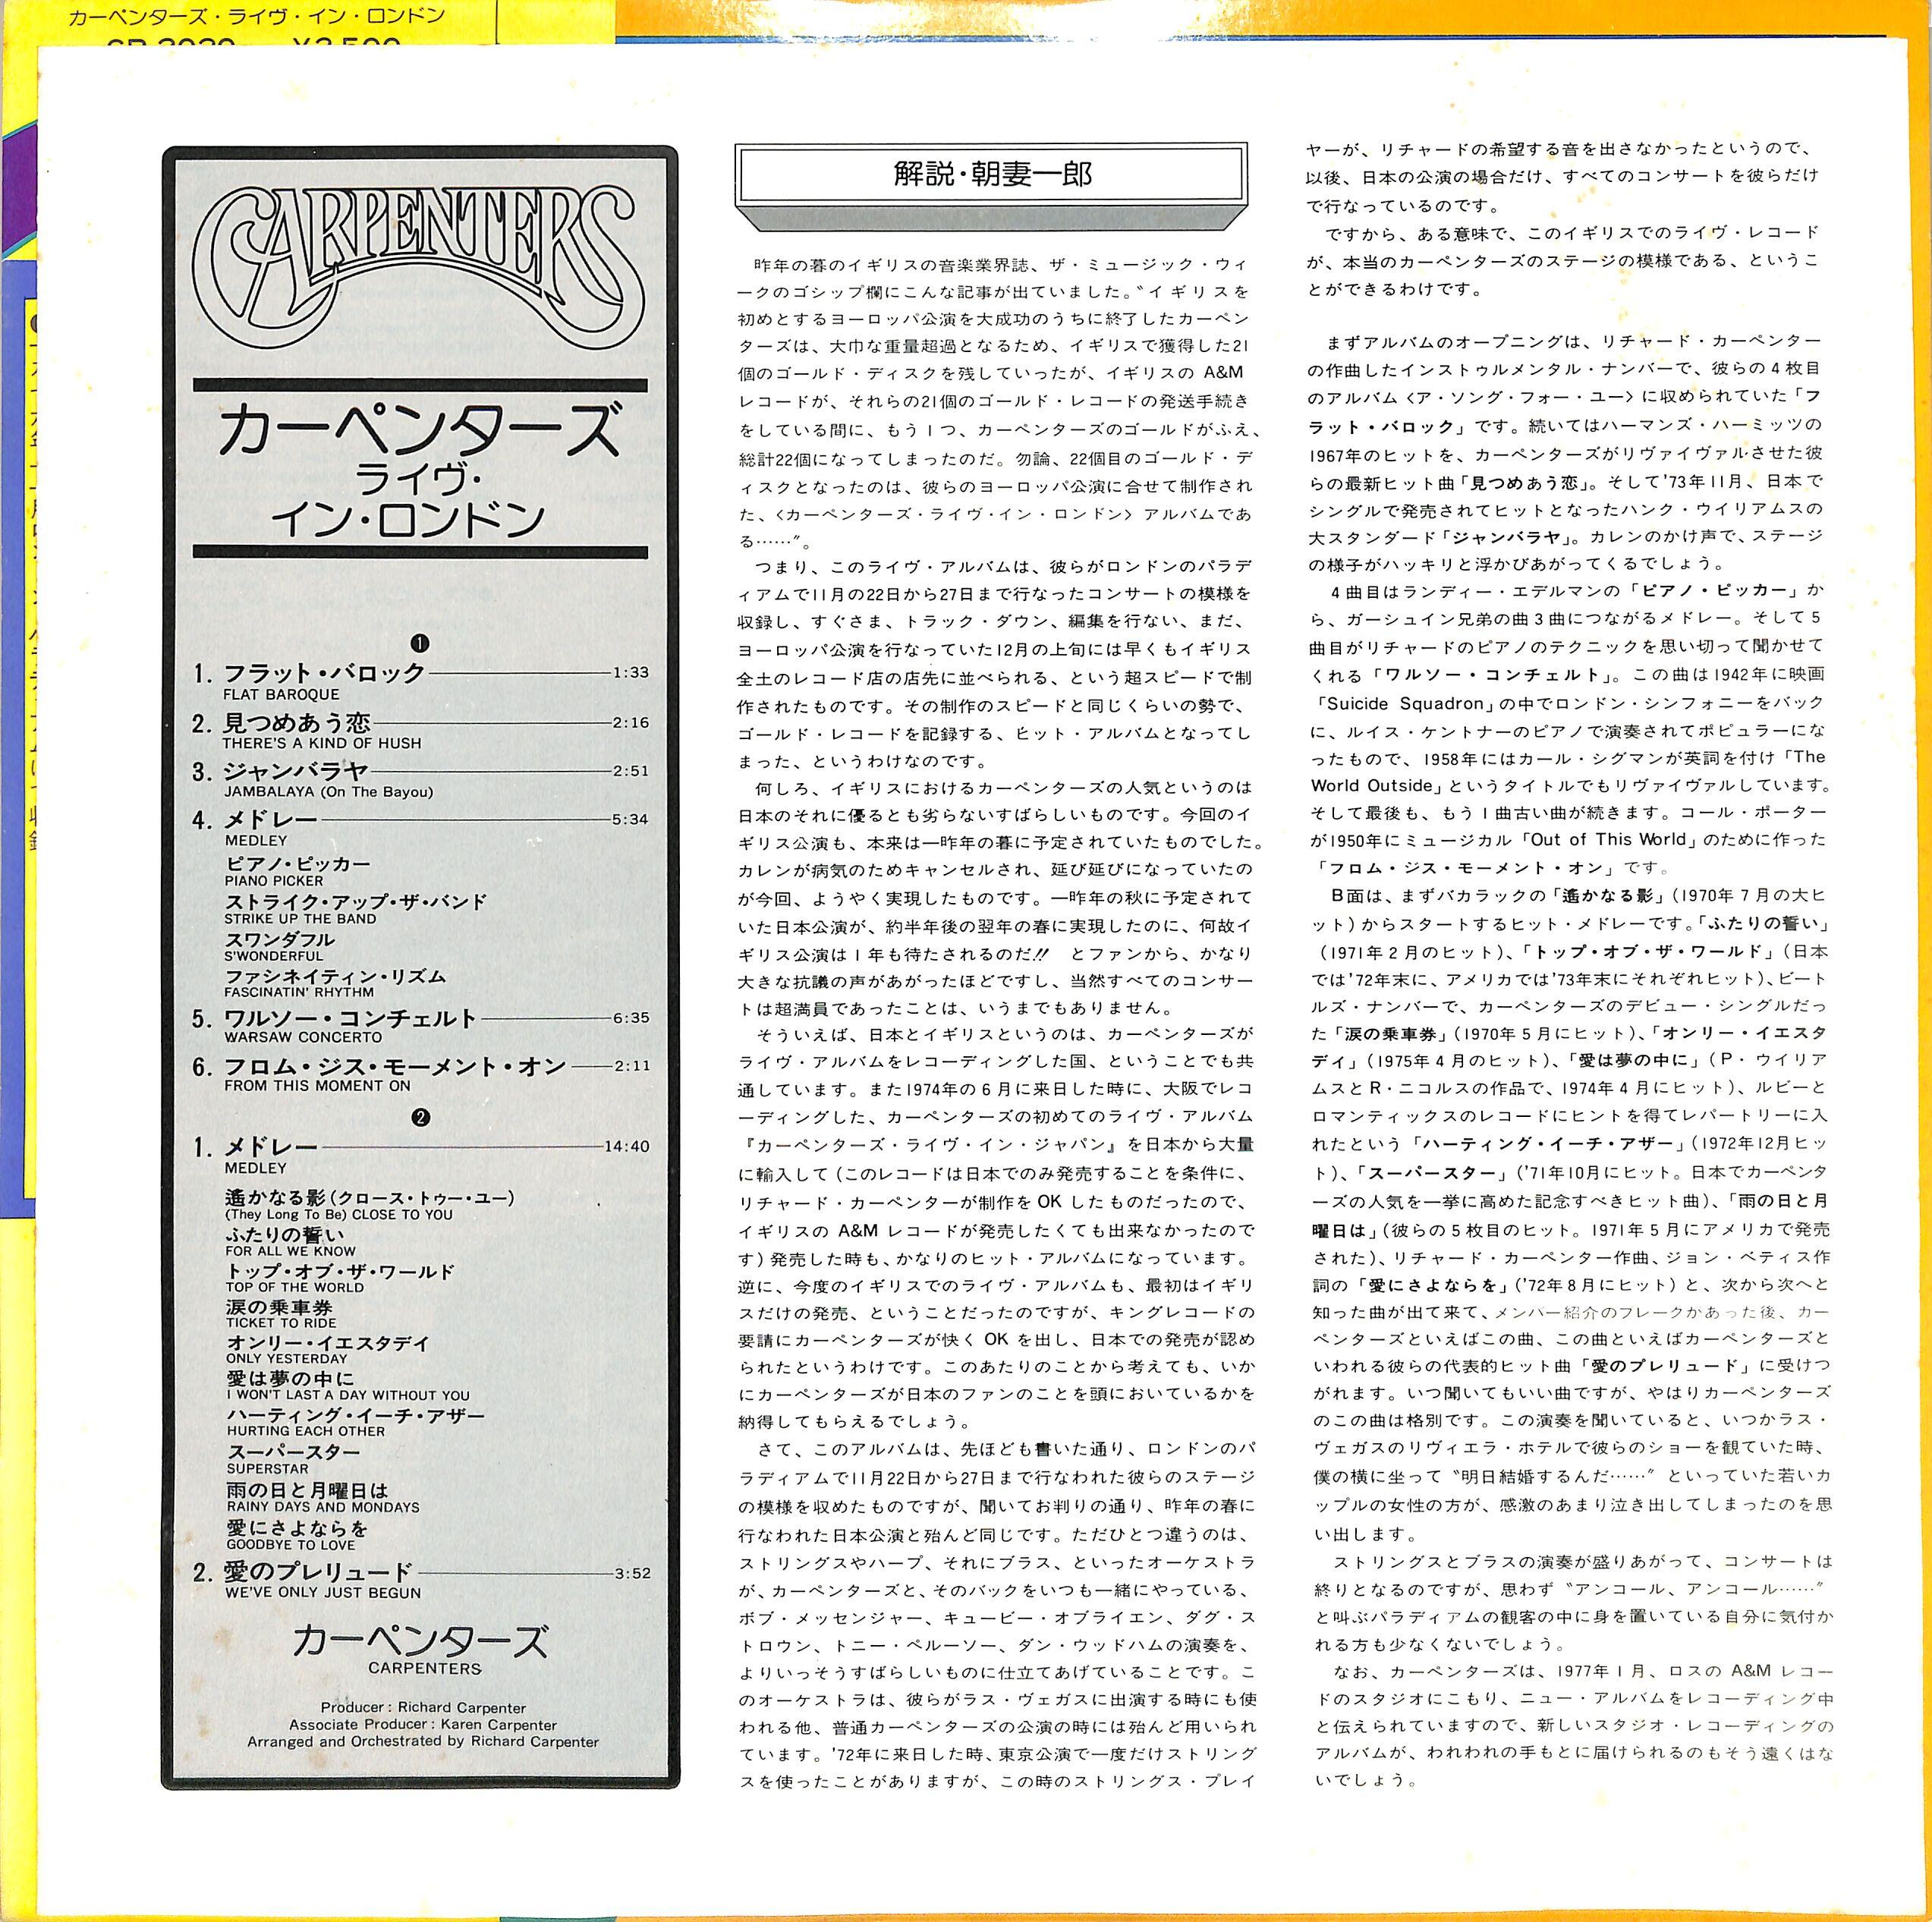 https://p1-e6eeae93.imageflux.jp/booksch/09563bee8935558a400e.jpg